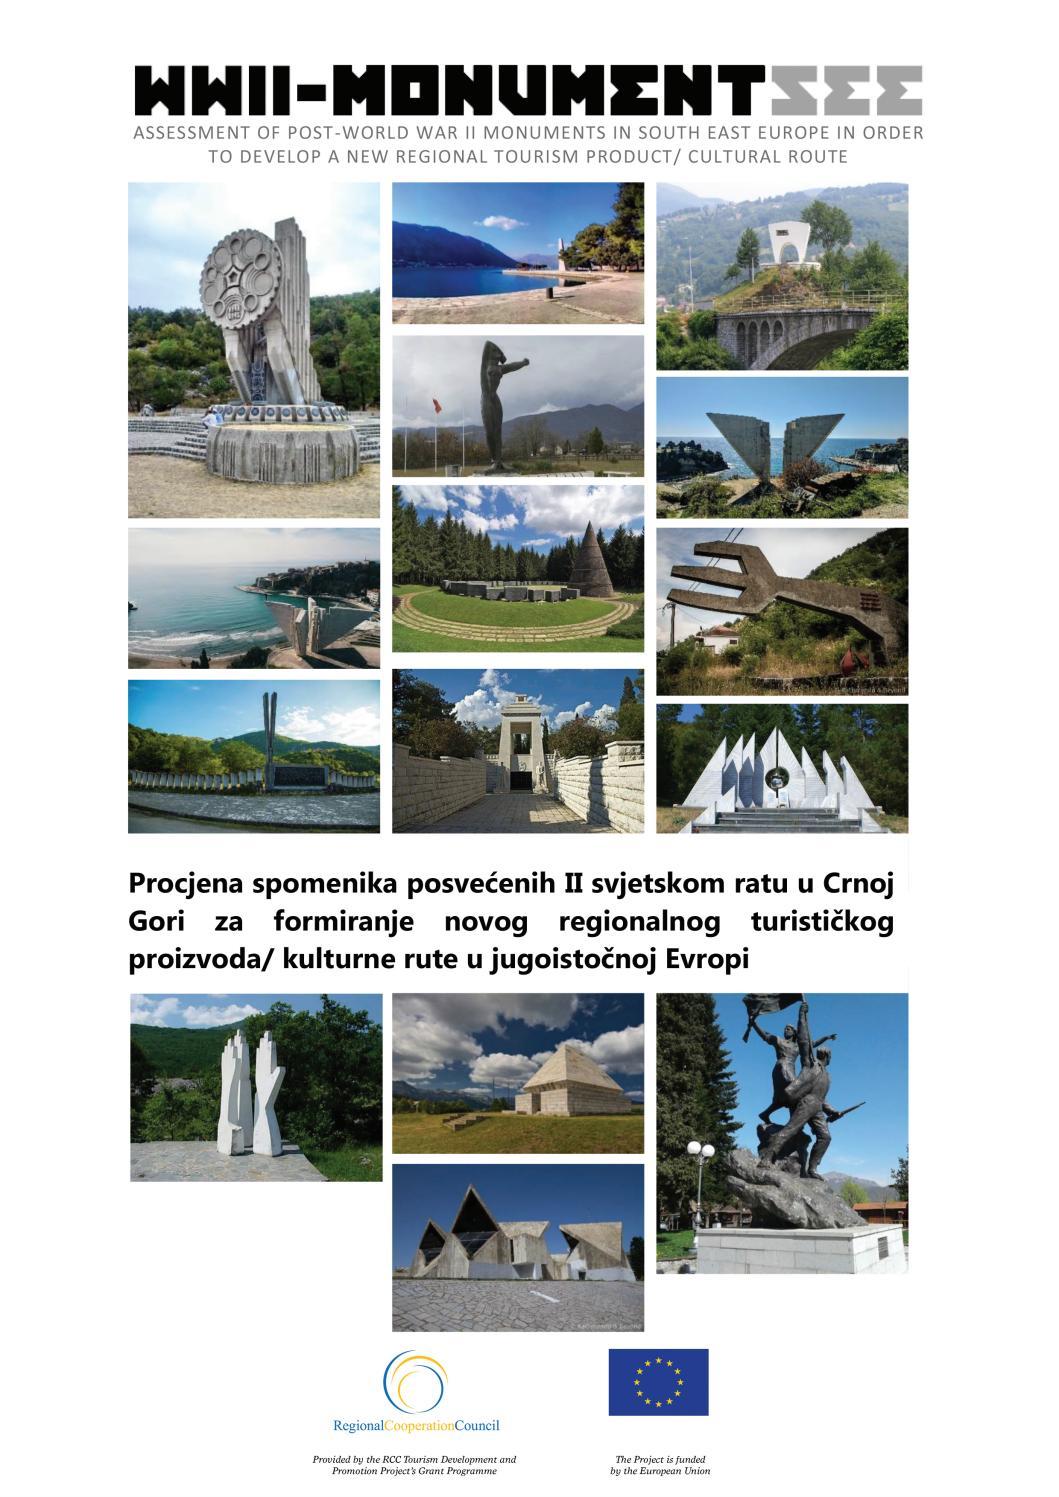 Procjena Spomenika Posvecenih Ii Svjetskom Ratu U Crnoj Gori By